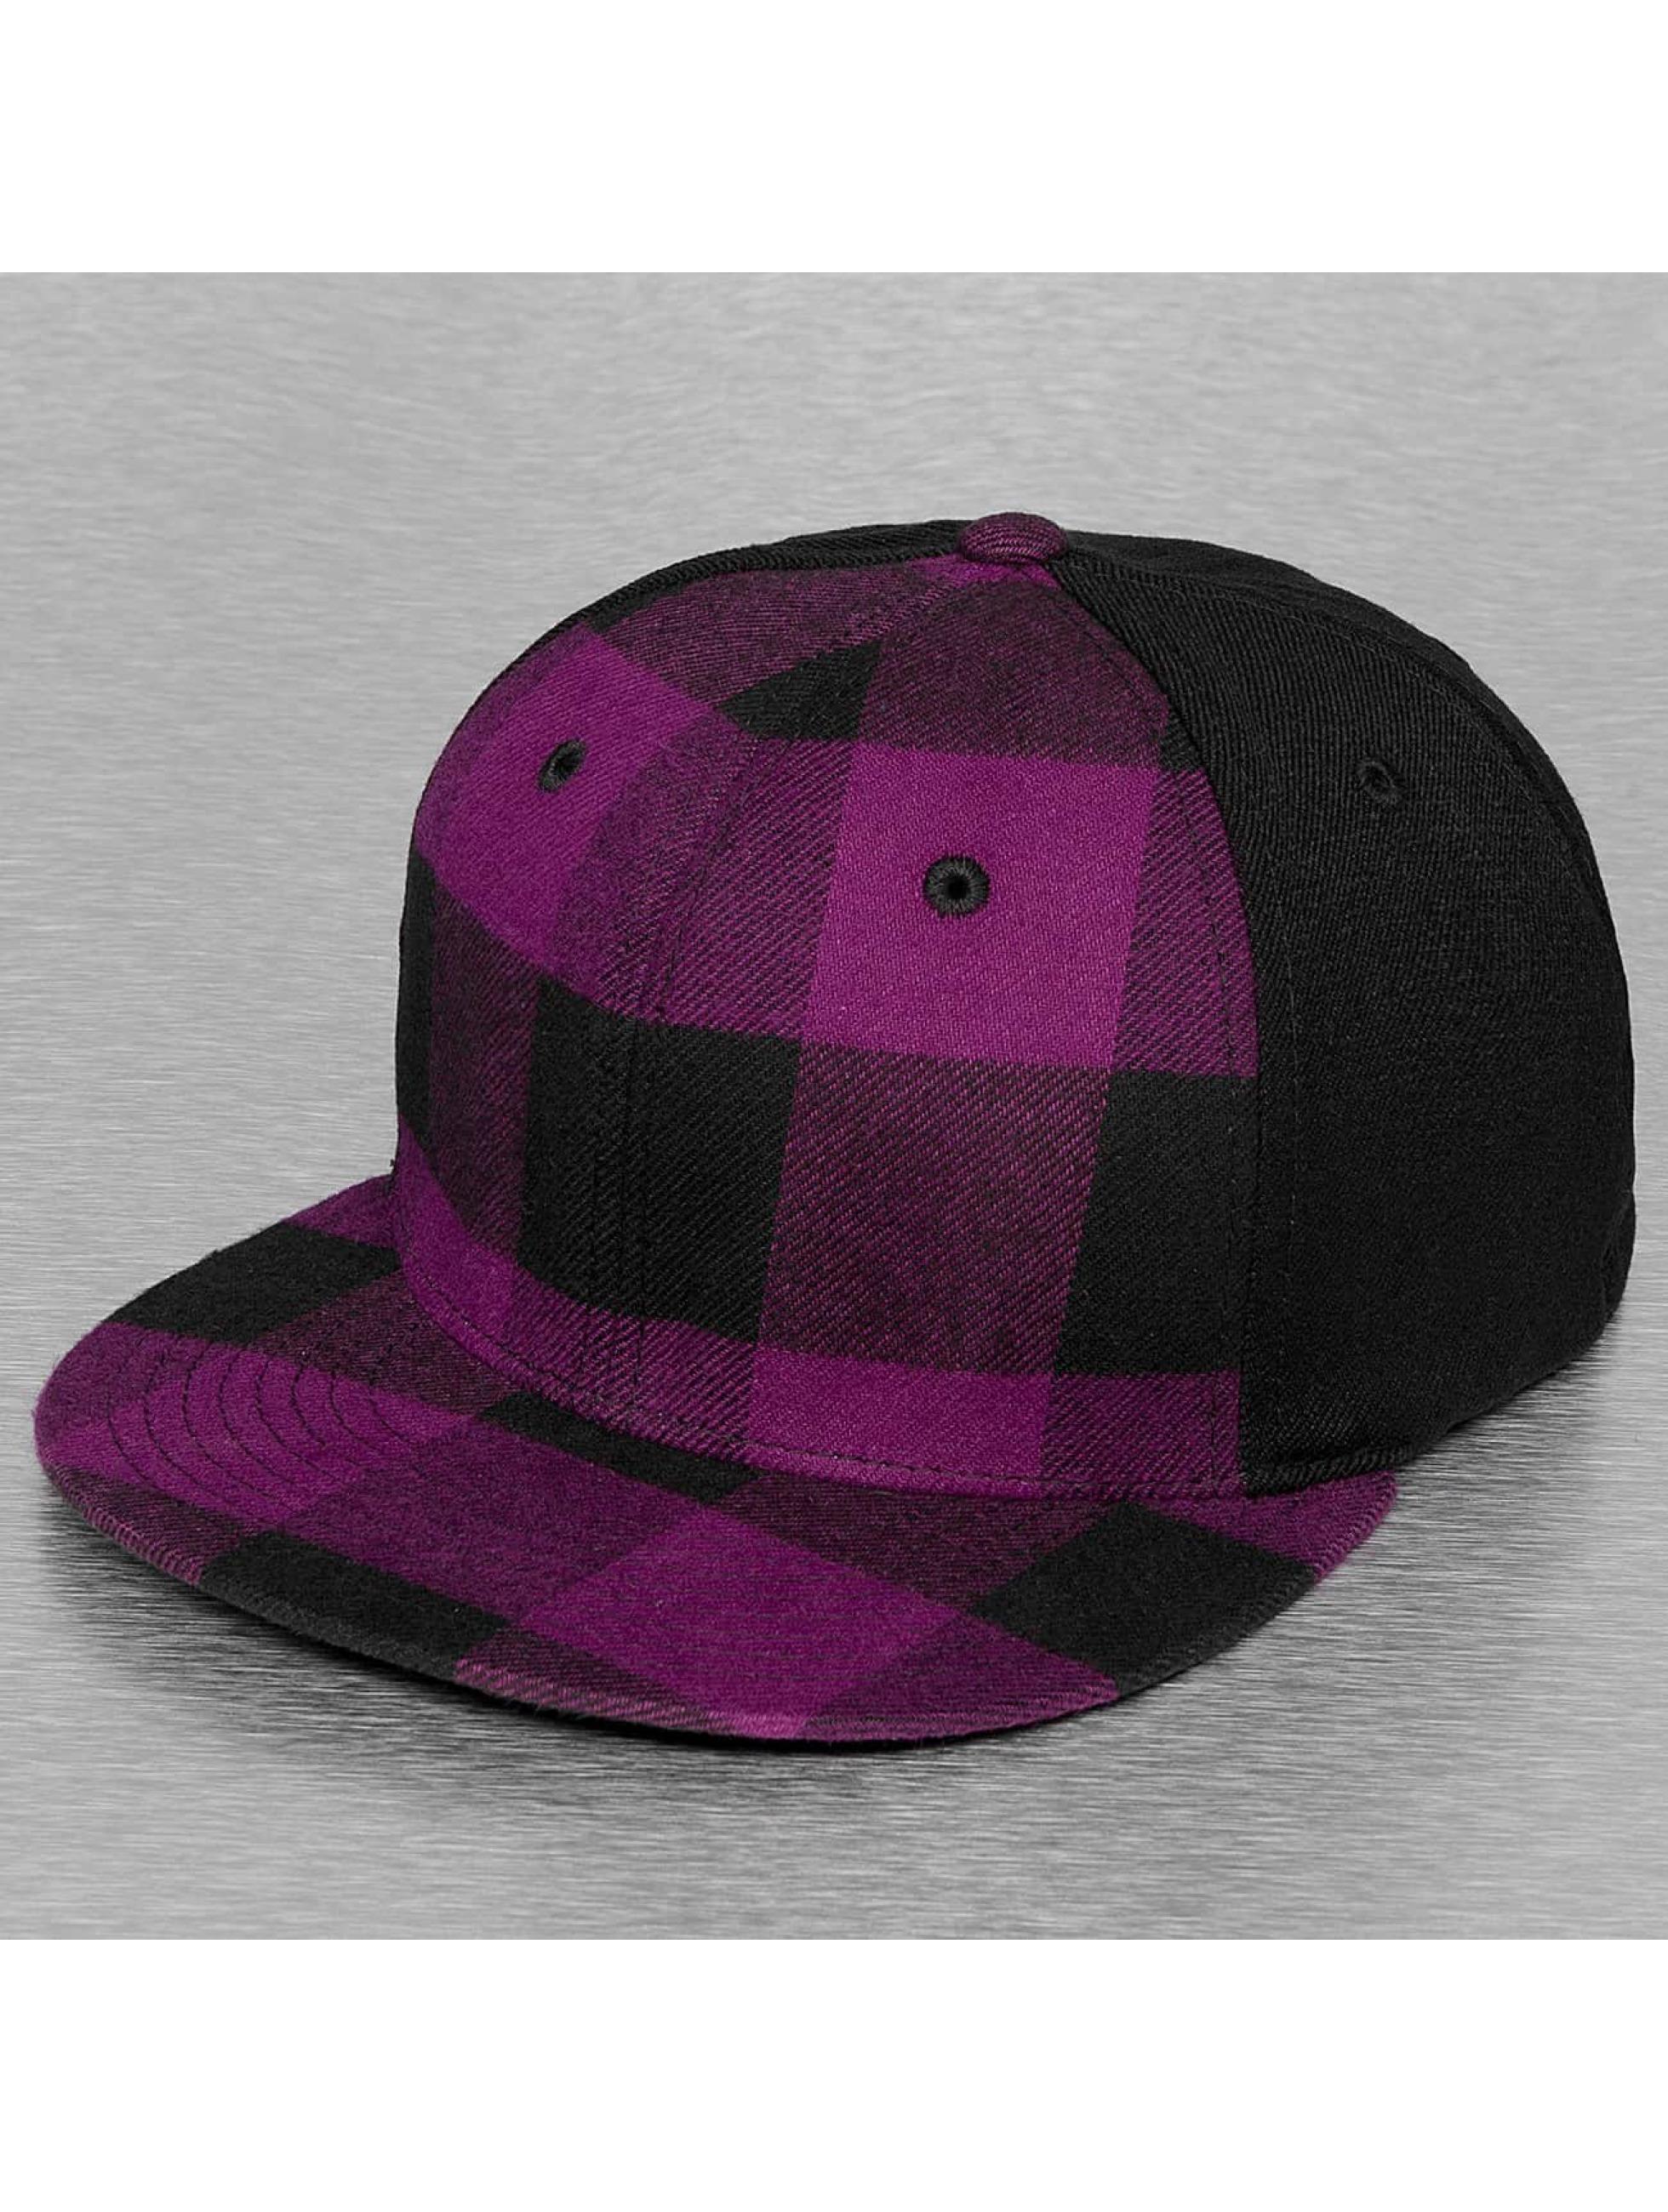 Decky USA Männer,Frauen Flexfitted Cap Flat Bill in violet